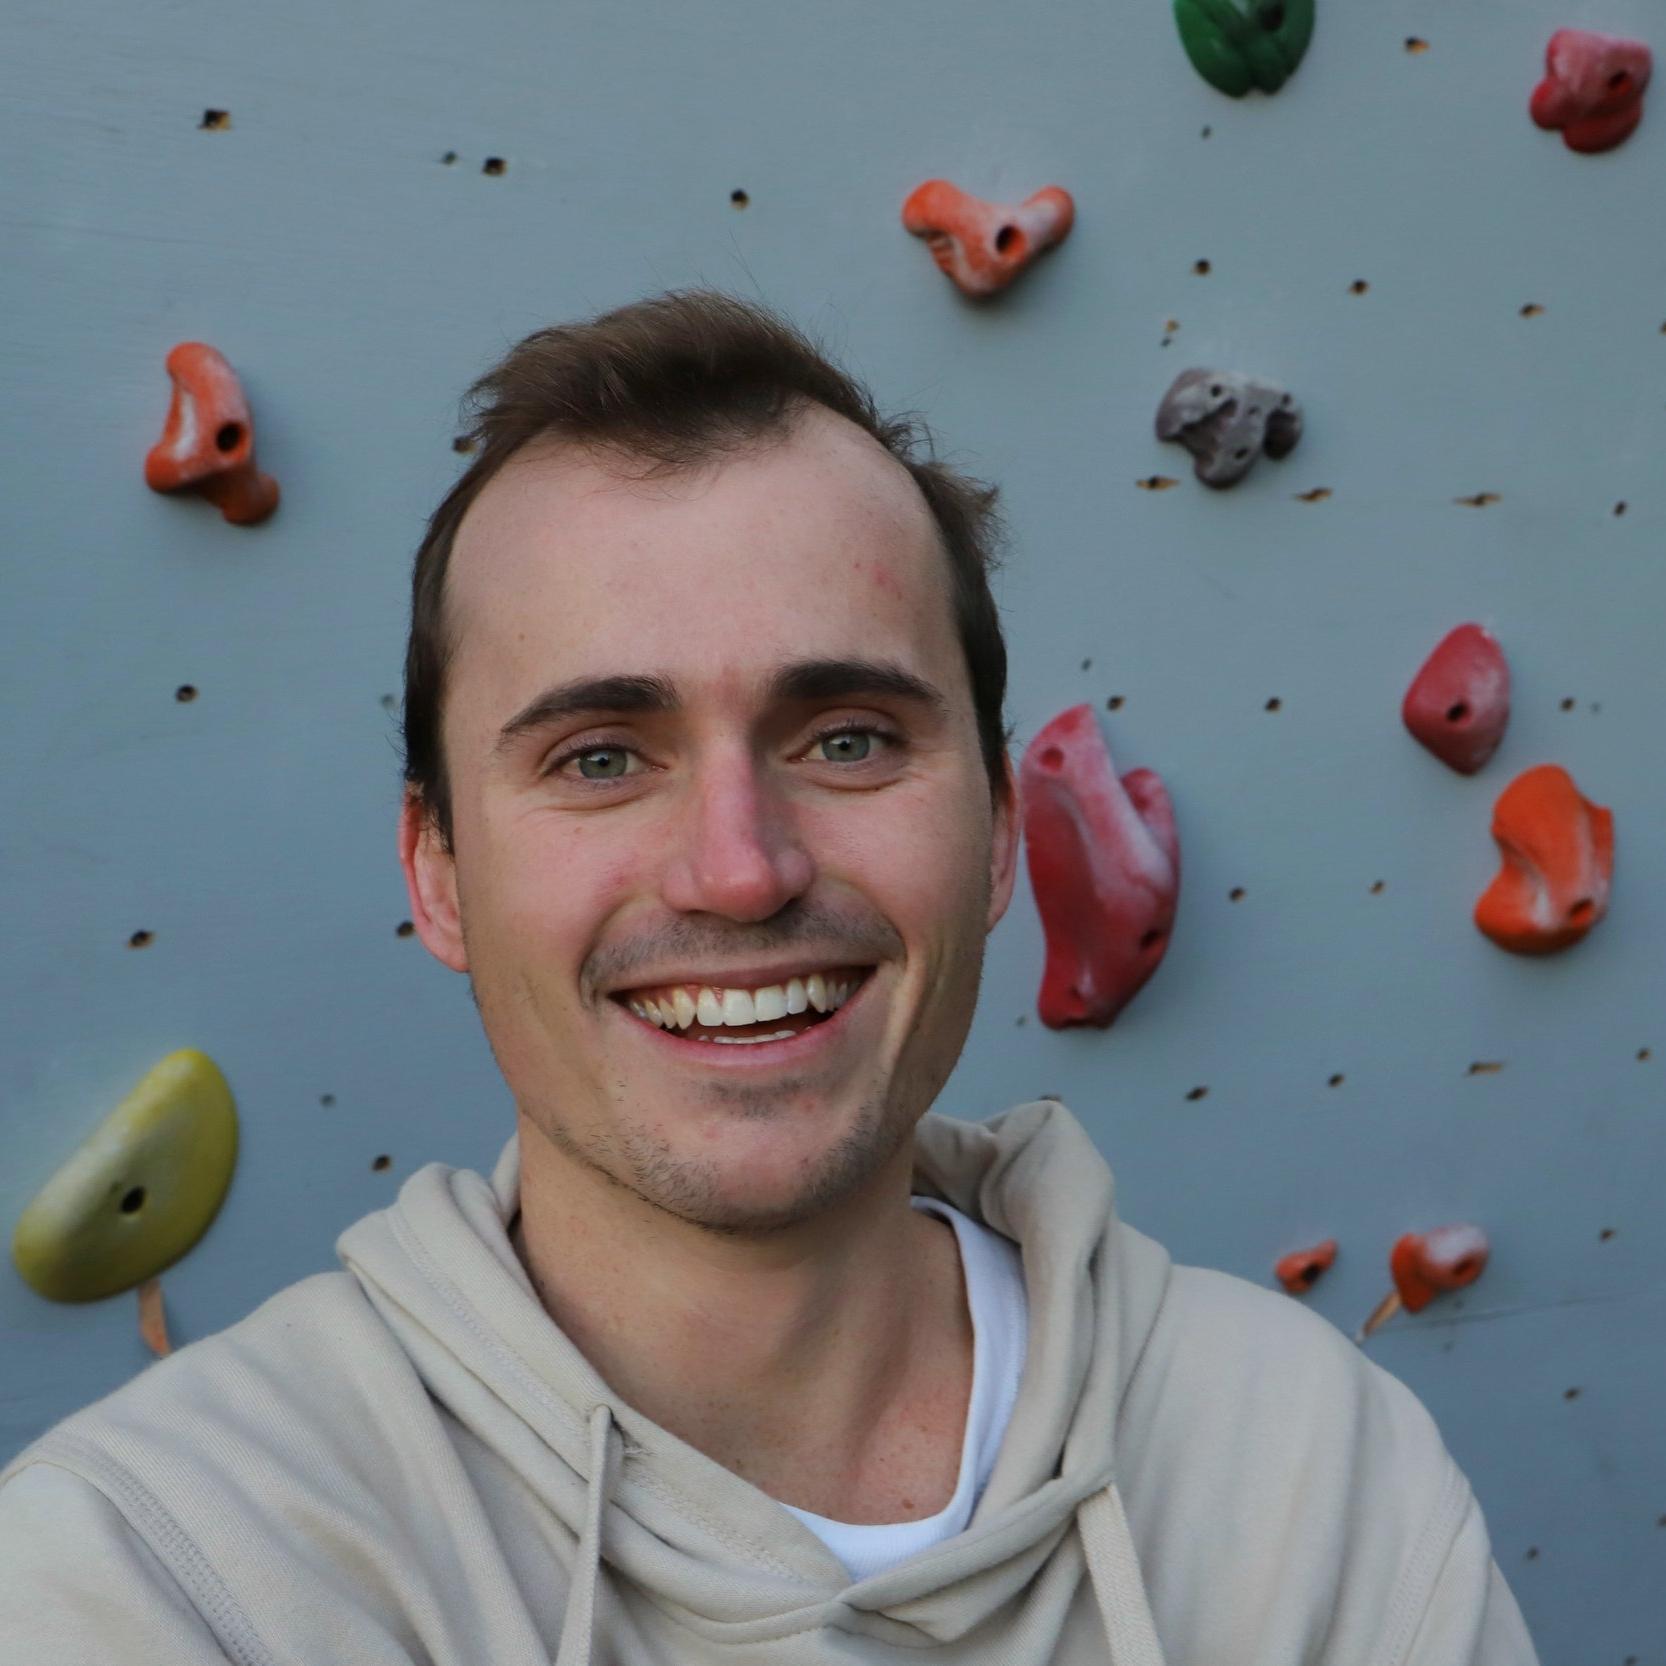 Nick Gilmore - nickgilmore@twinclimbs.com0422 999 280